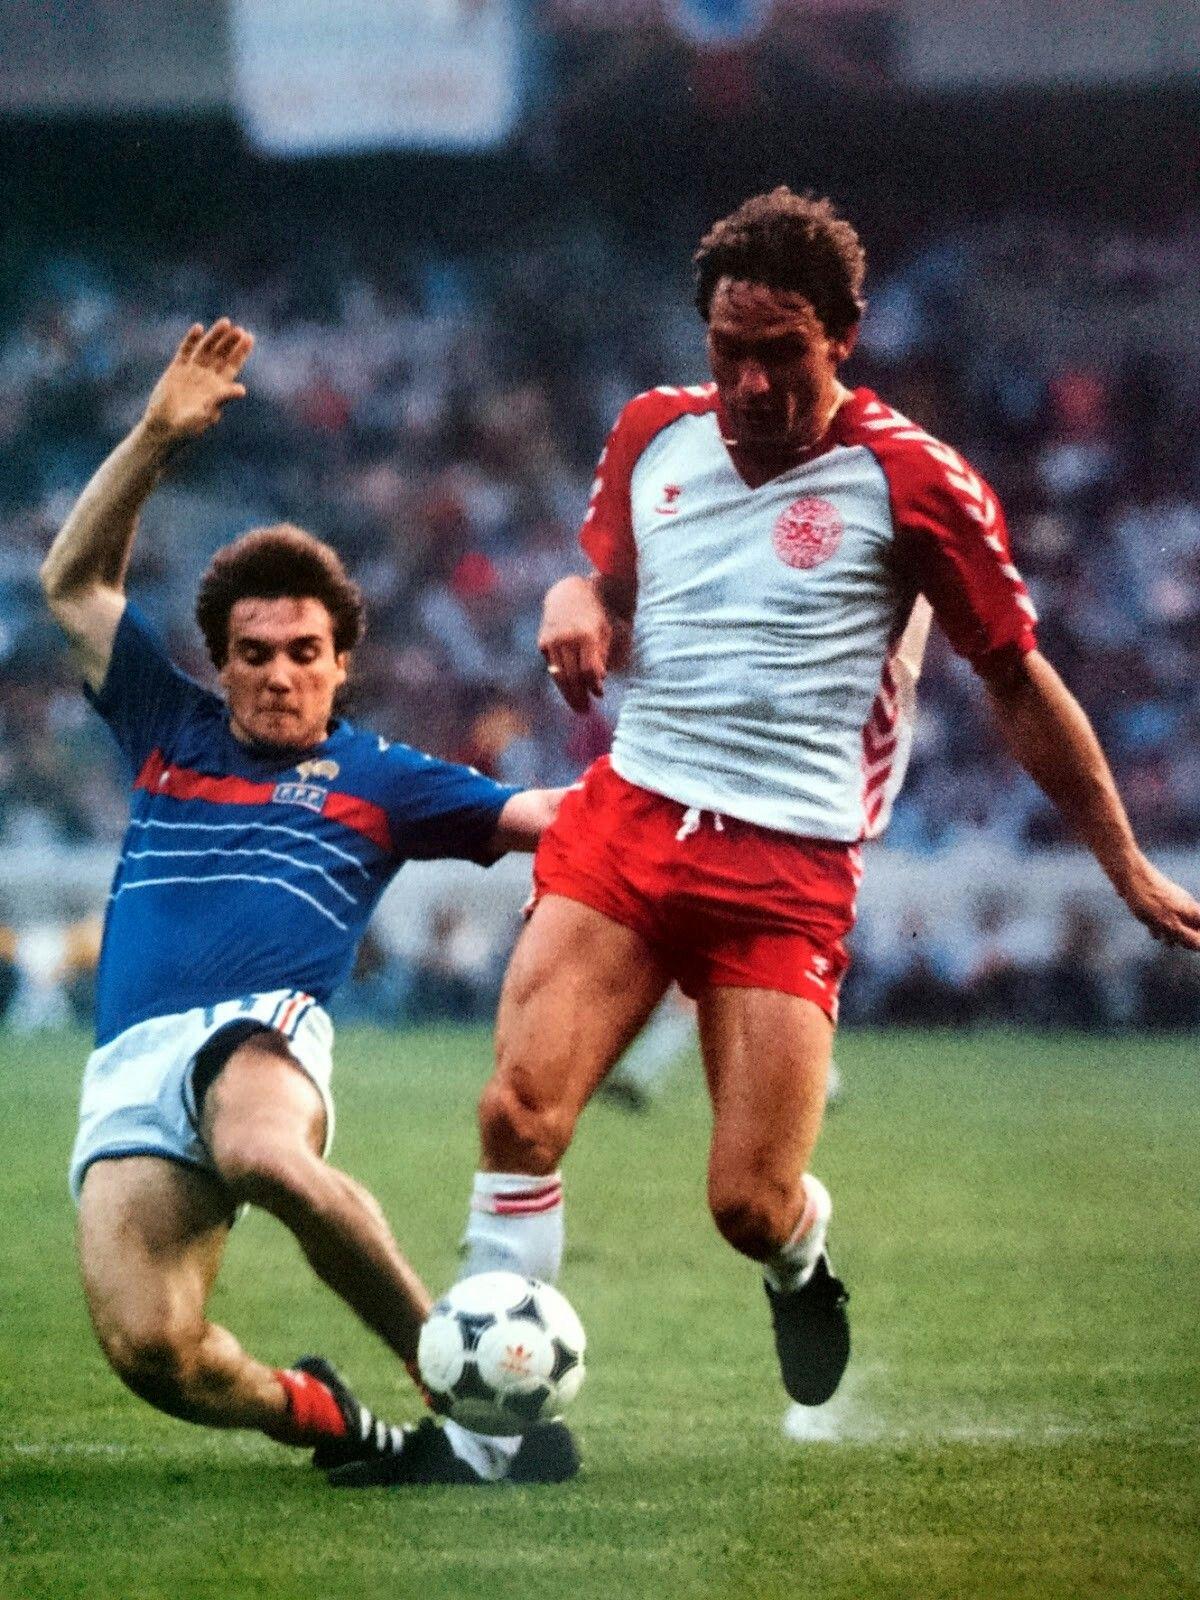 France 1 Denmark 0 in 1984 in Paris. Bruno Bellone tackles